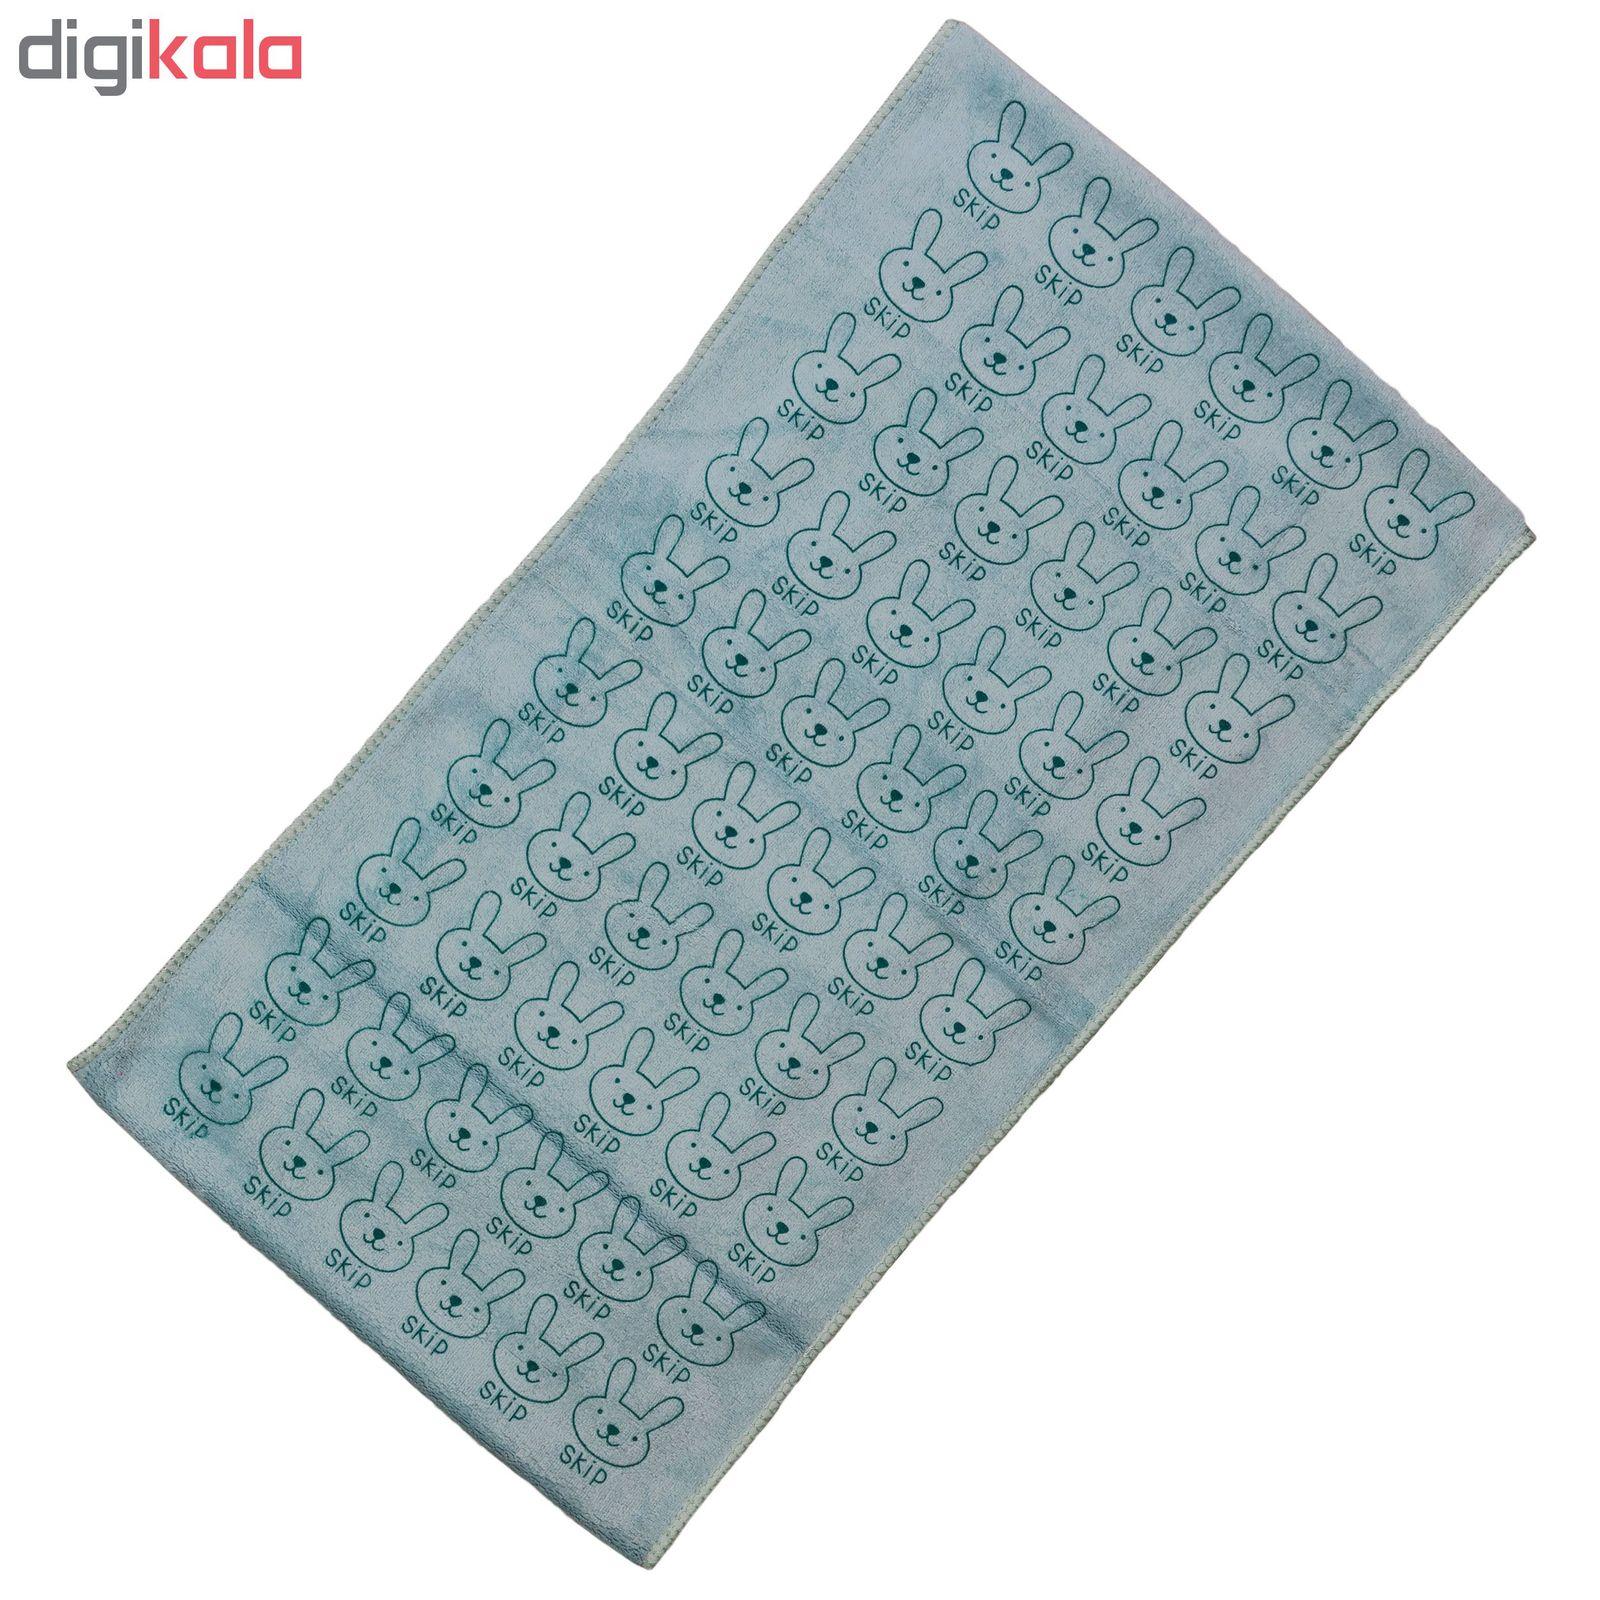 دستمال نظافت خودرو طرح رابیت کد 223 main 1 5